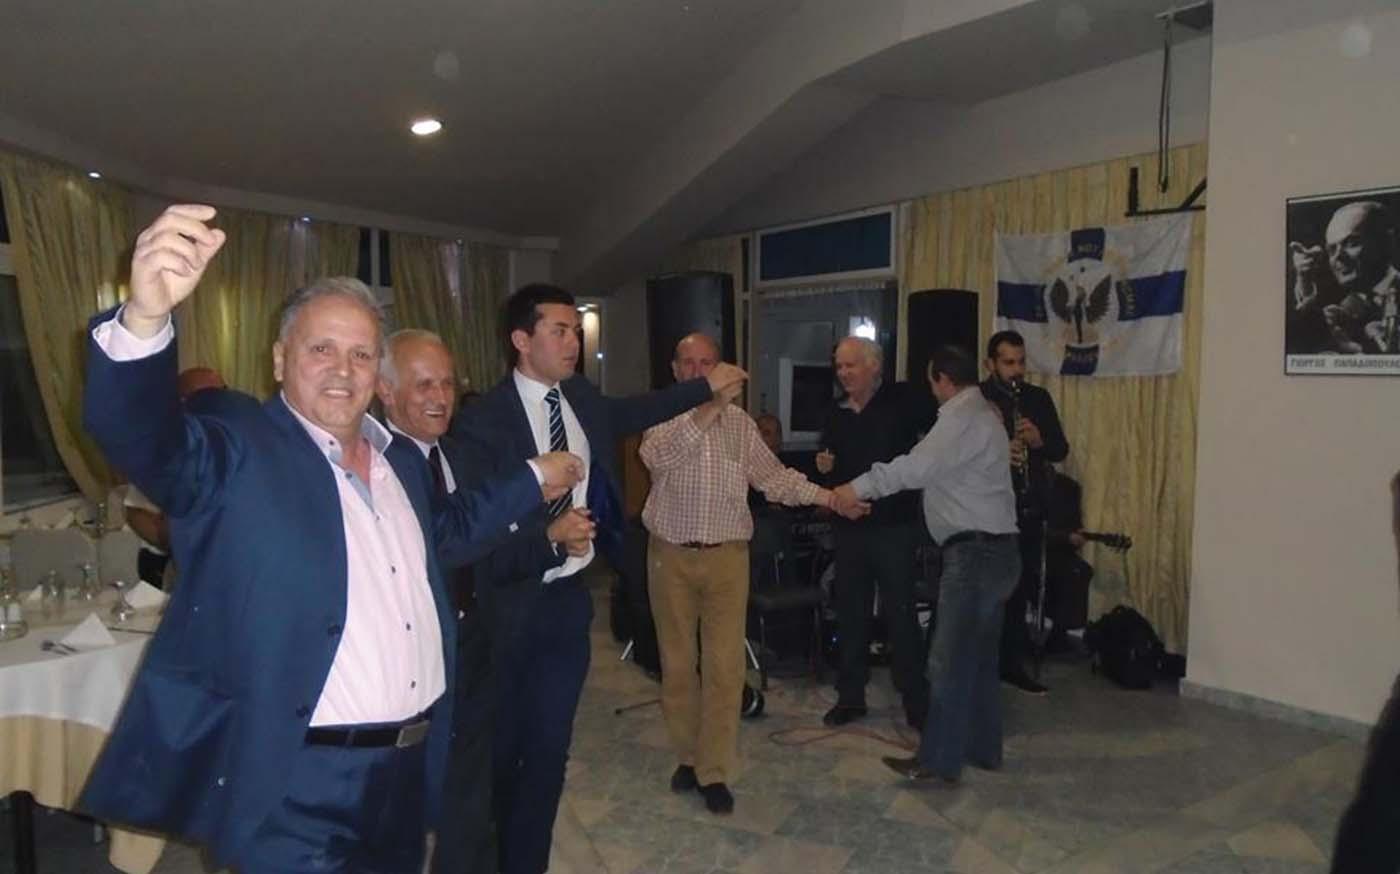 """Νοσταλγοί της χούντας """"γιόρτασαν"""" την επέτειο της 21ης Απριλίου στη Λάρισα! (φωτό)"""